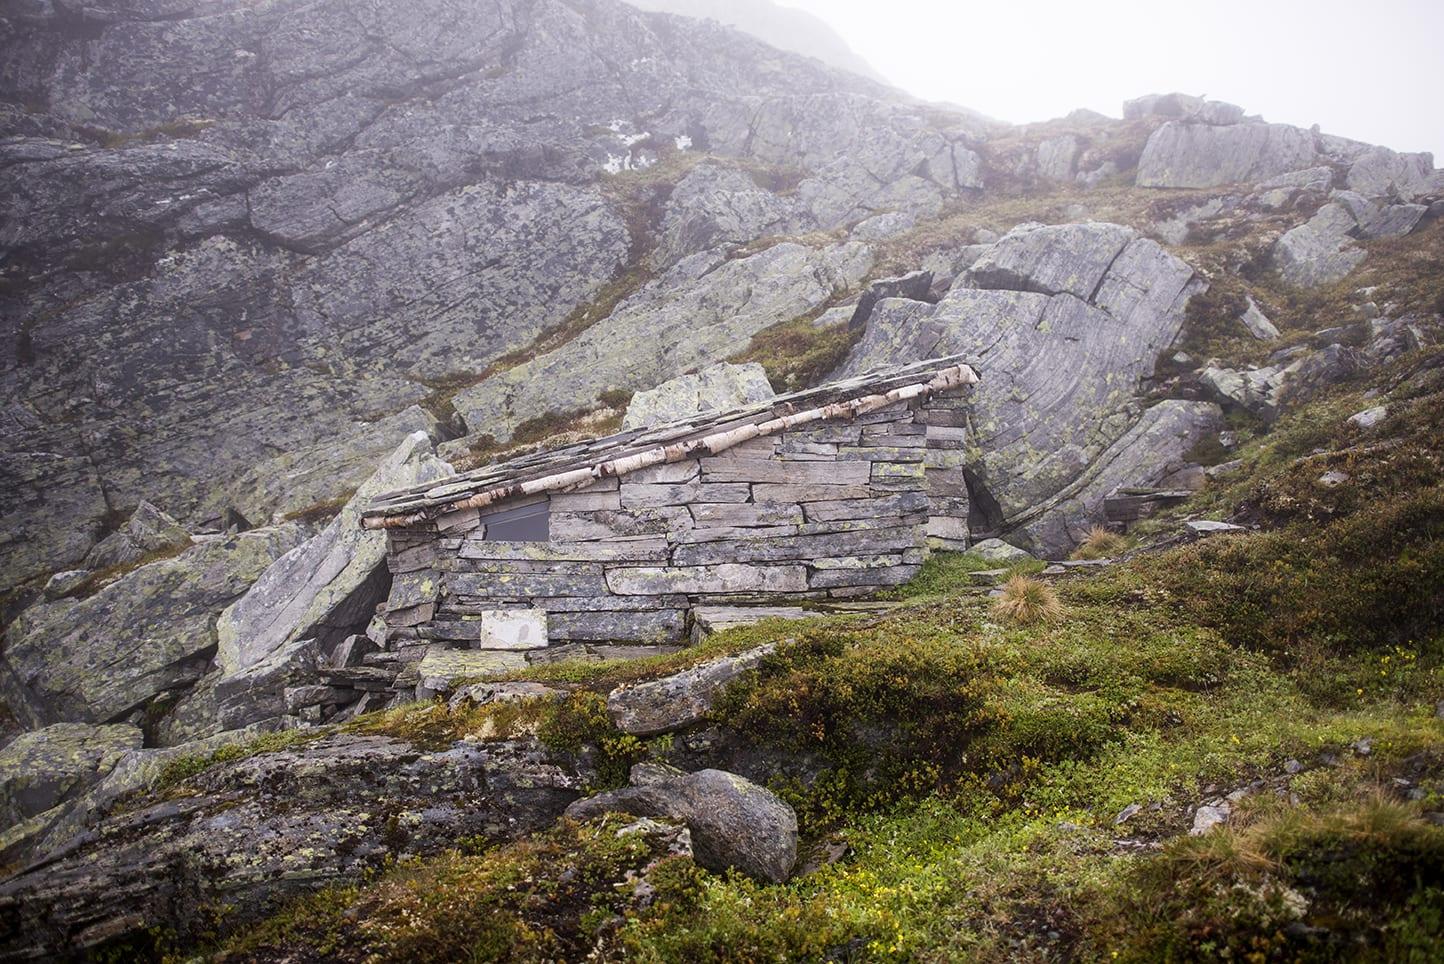 De nyeste hyttene i boka er fra «i dag», fra etter 2010 og mange er i full bruk. Den eldste er 300 år gammel. Foto: Marius Nergård Pettersen